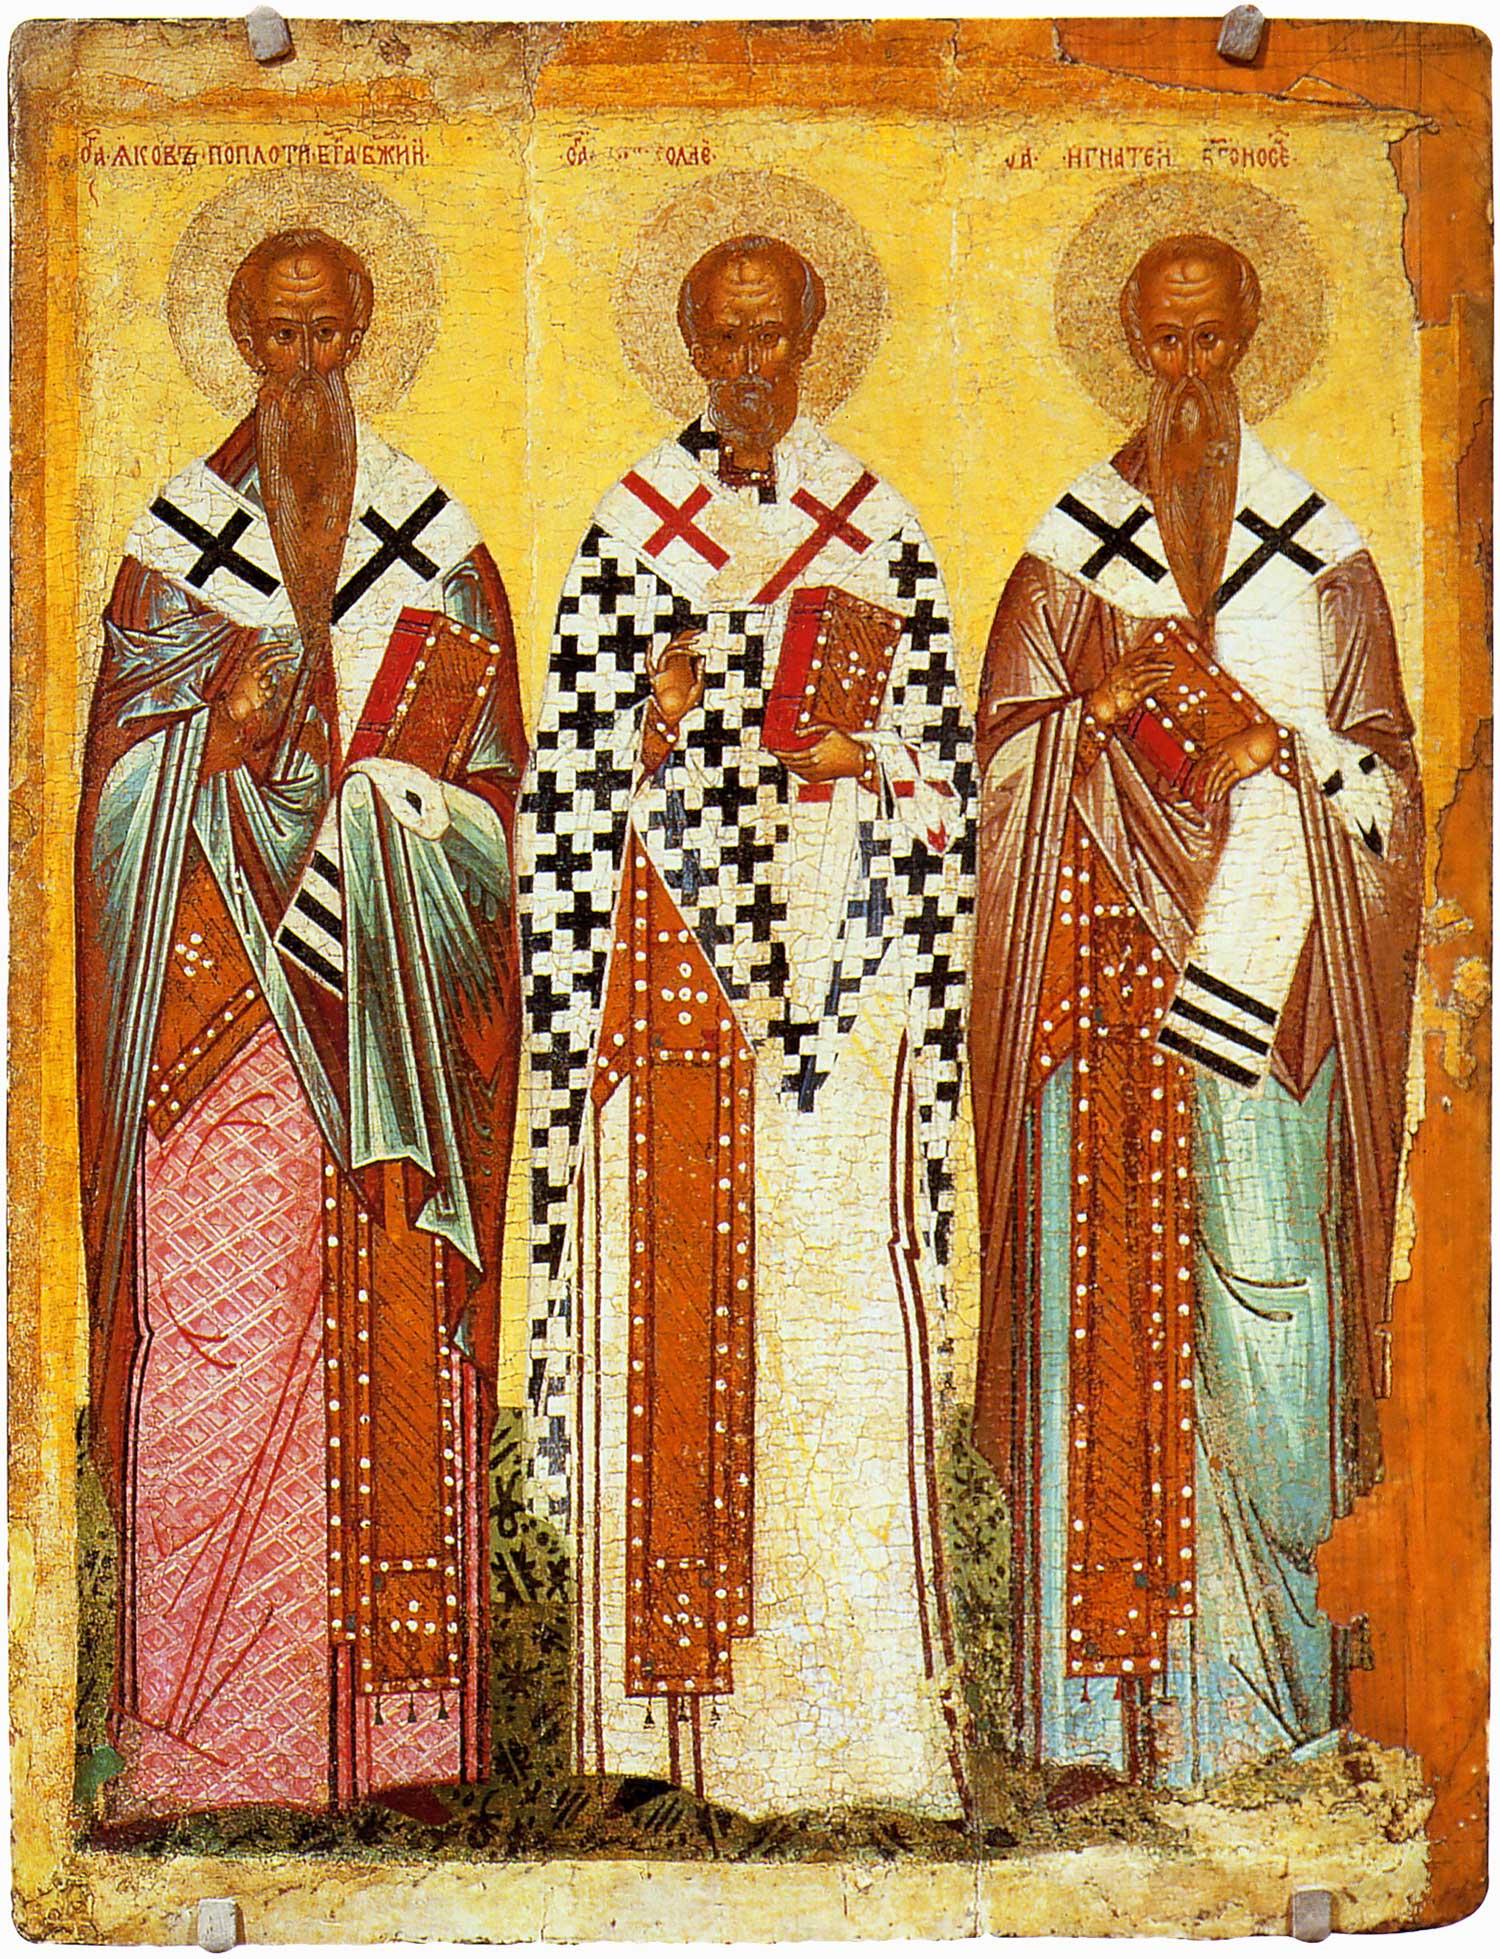 Иаков Иерусалимский (брат Божий), Никола и Игнатий Богоносец